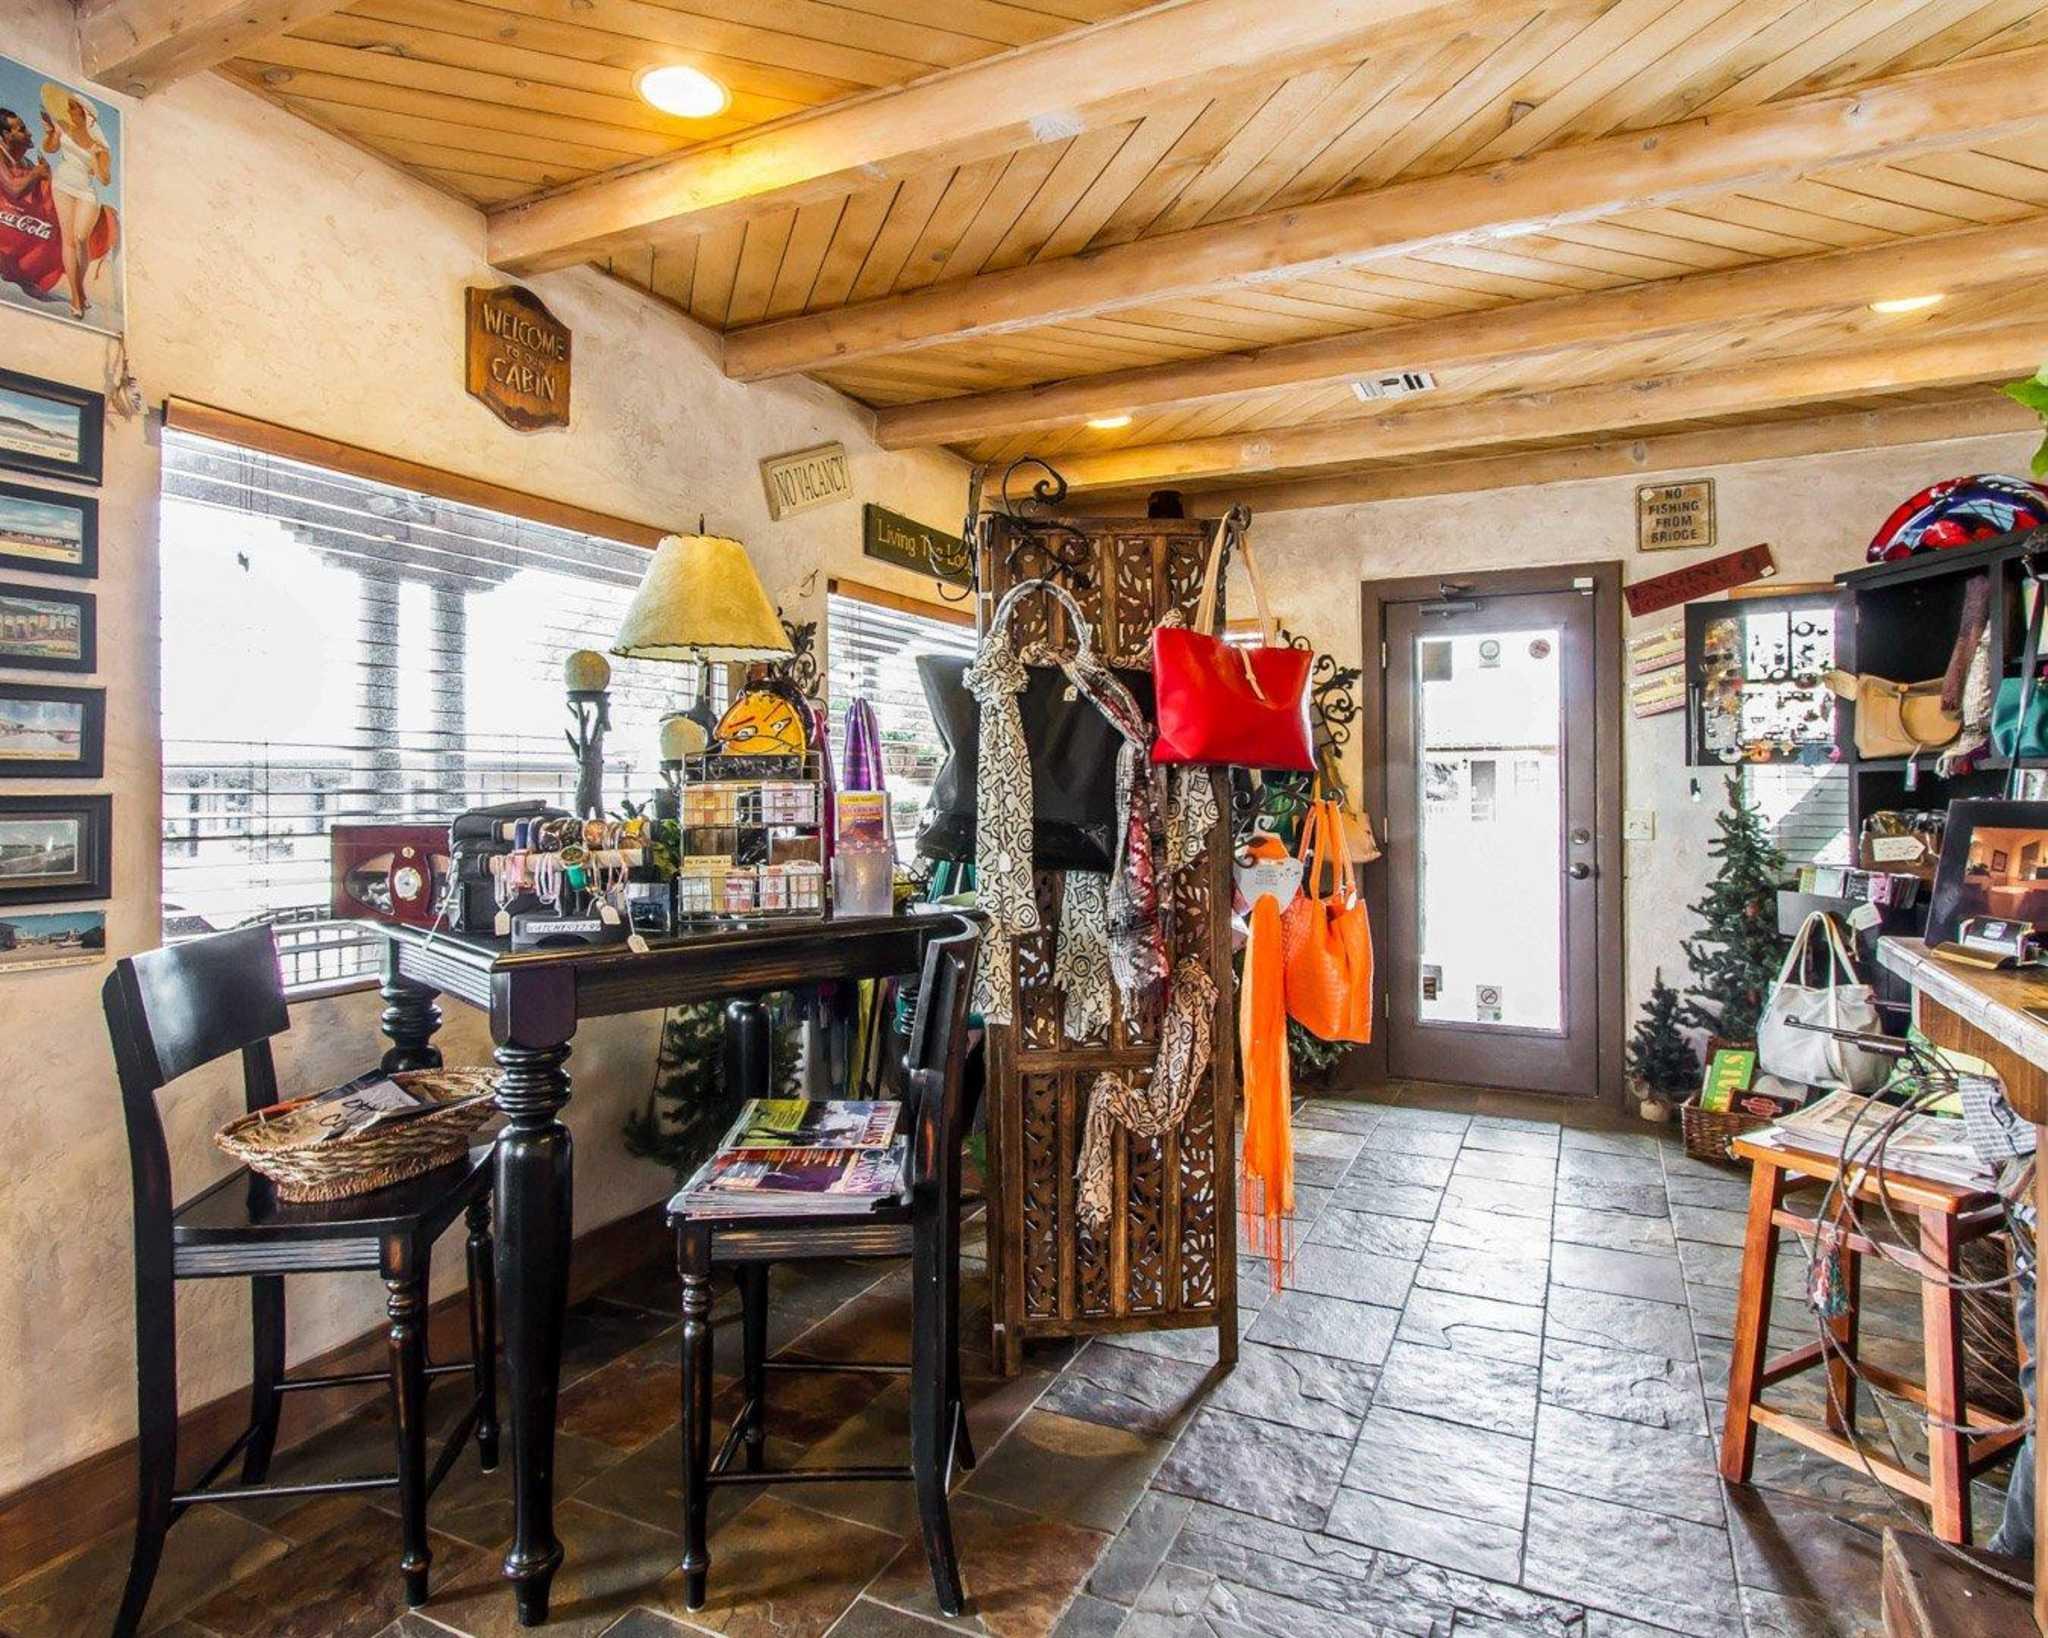 Rodeway Inn & Suites Downtowner-Rte 66 image 17